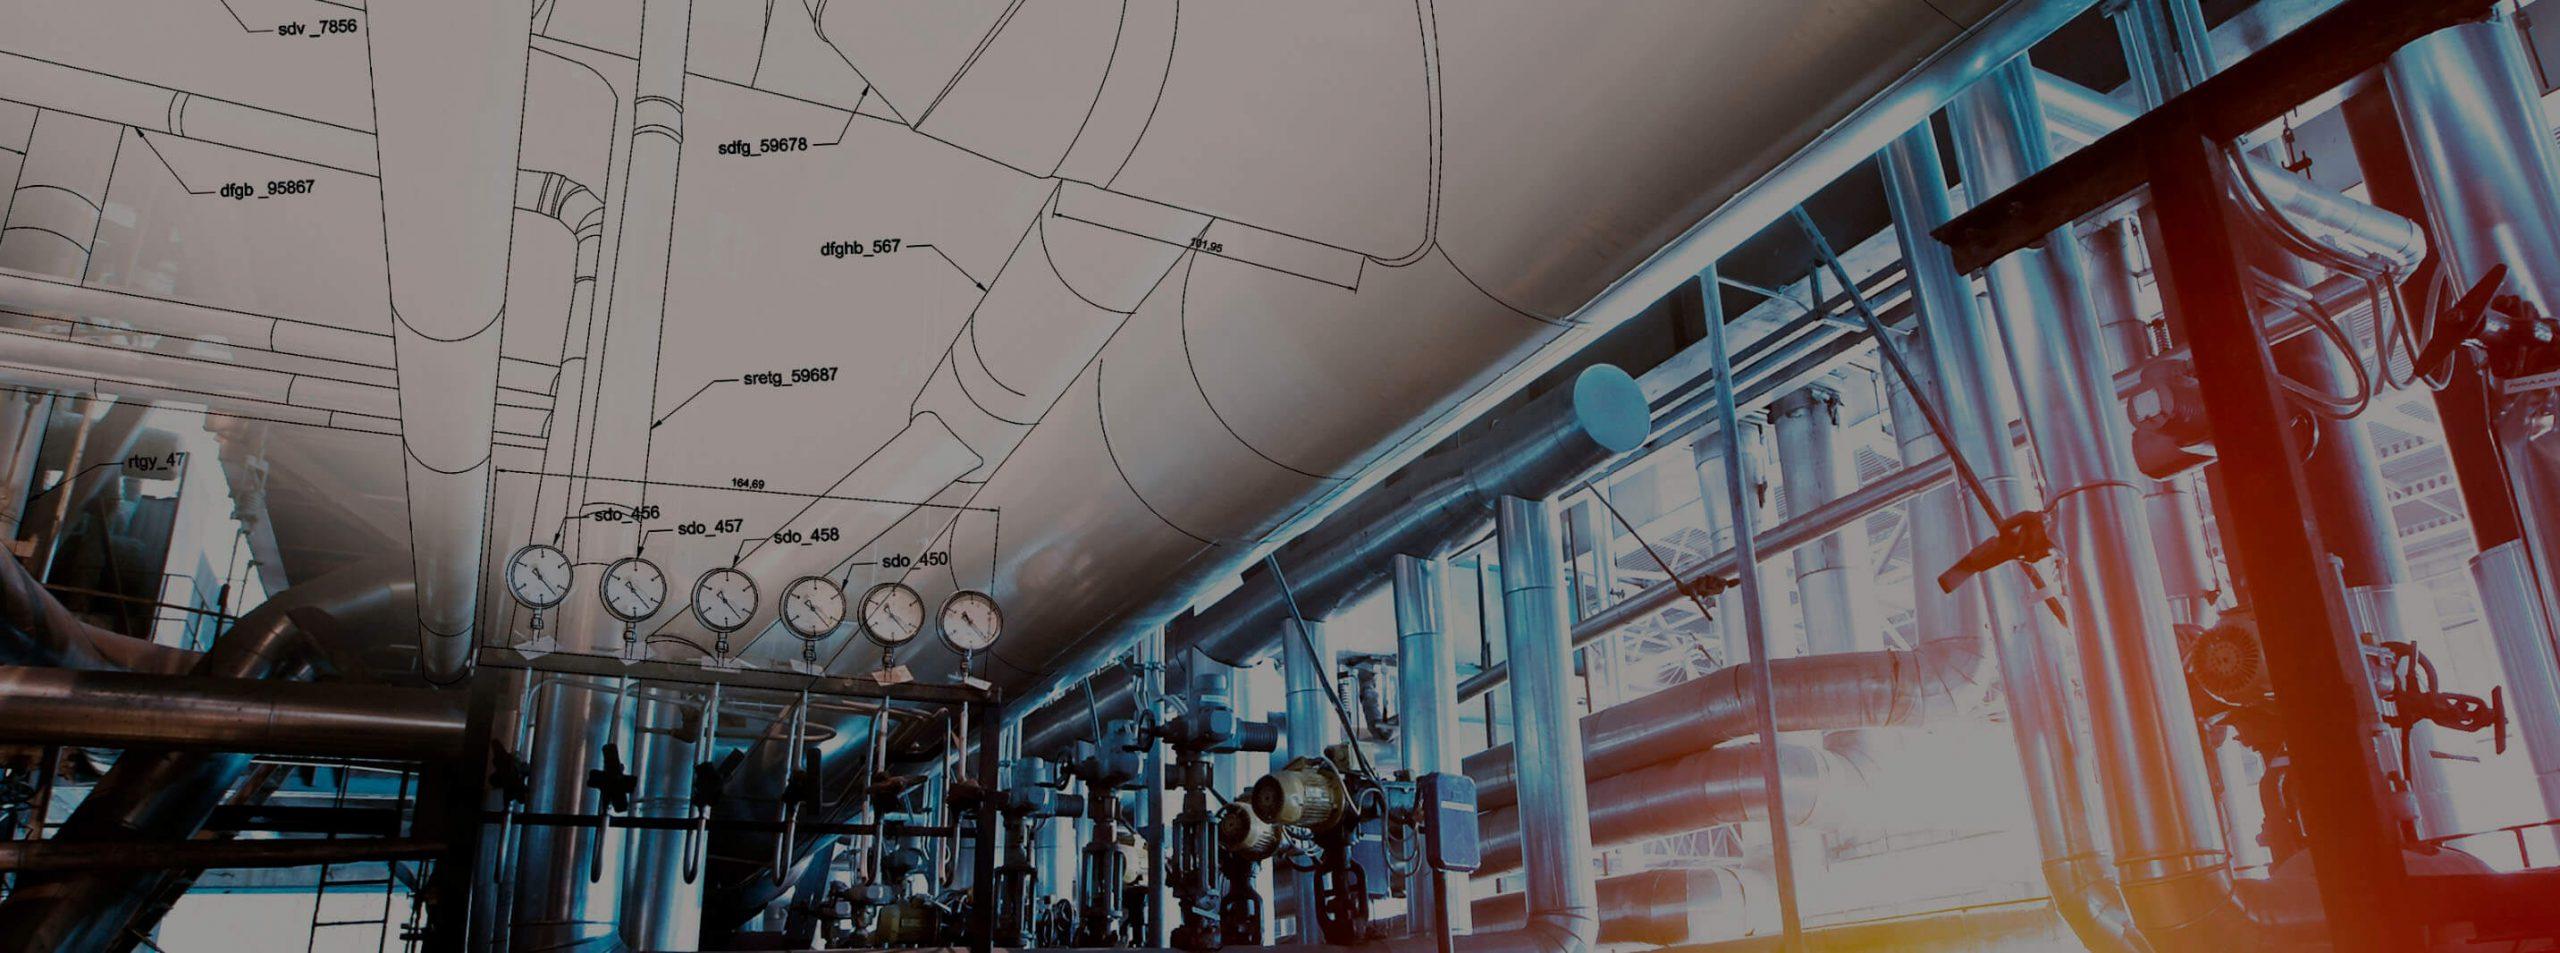 Servicio: Ingeniería, imagen 1 - López Urrutia